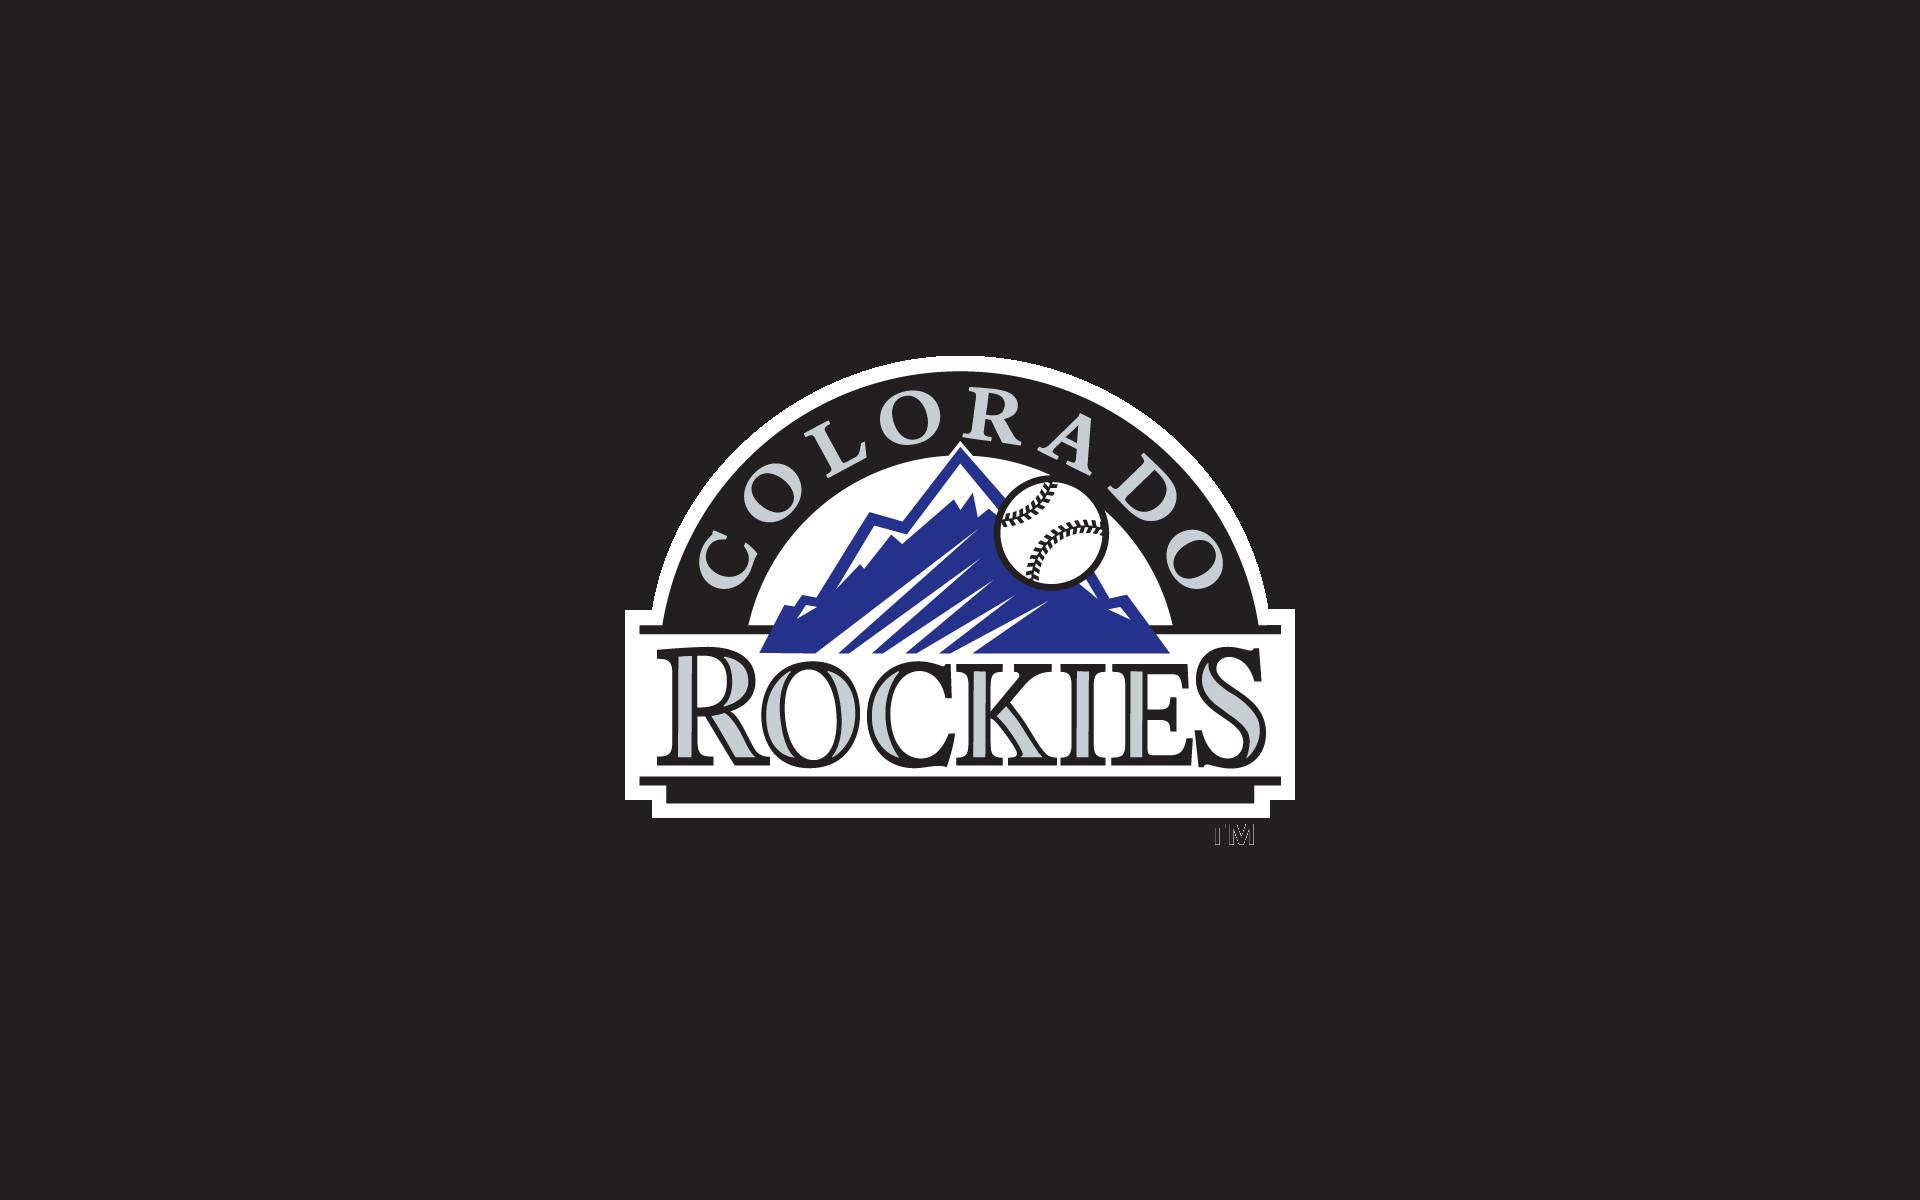 Colorado Rockies Wallpaper 13496